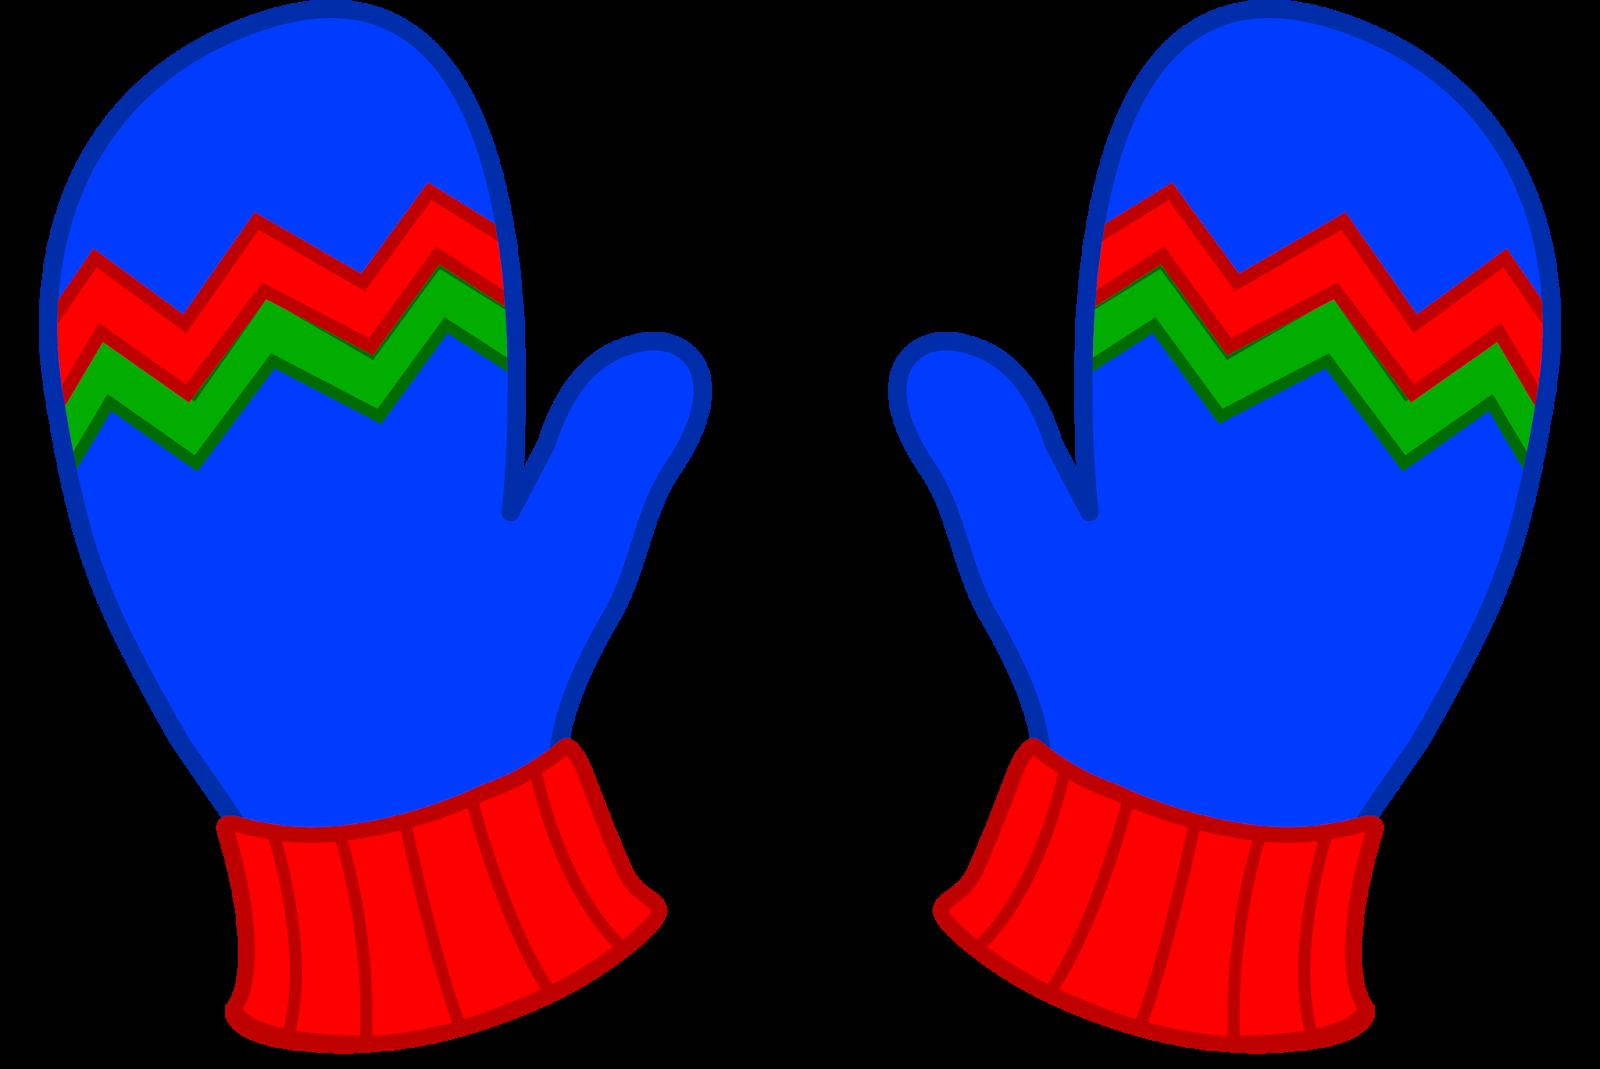 Gloves clipart snowman. Clip art autumn mittens